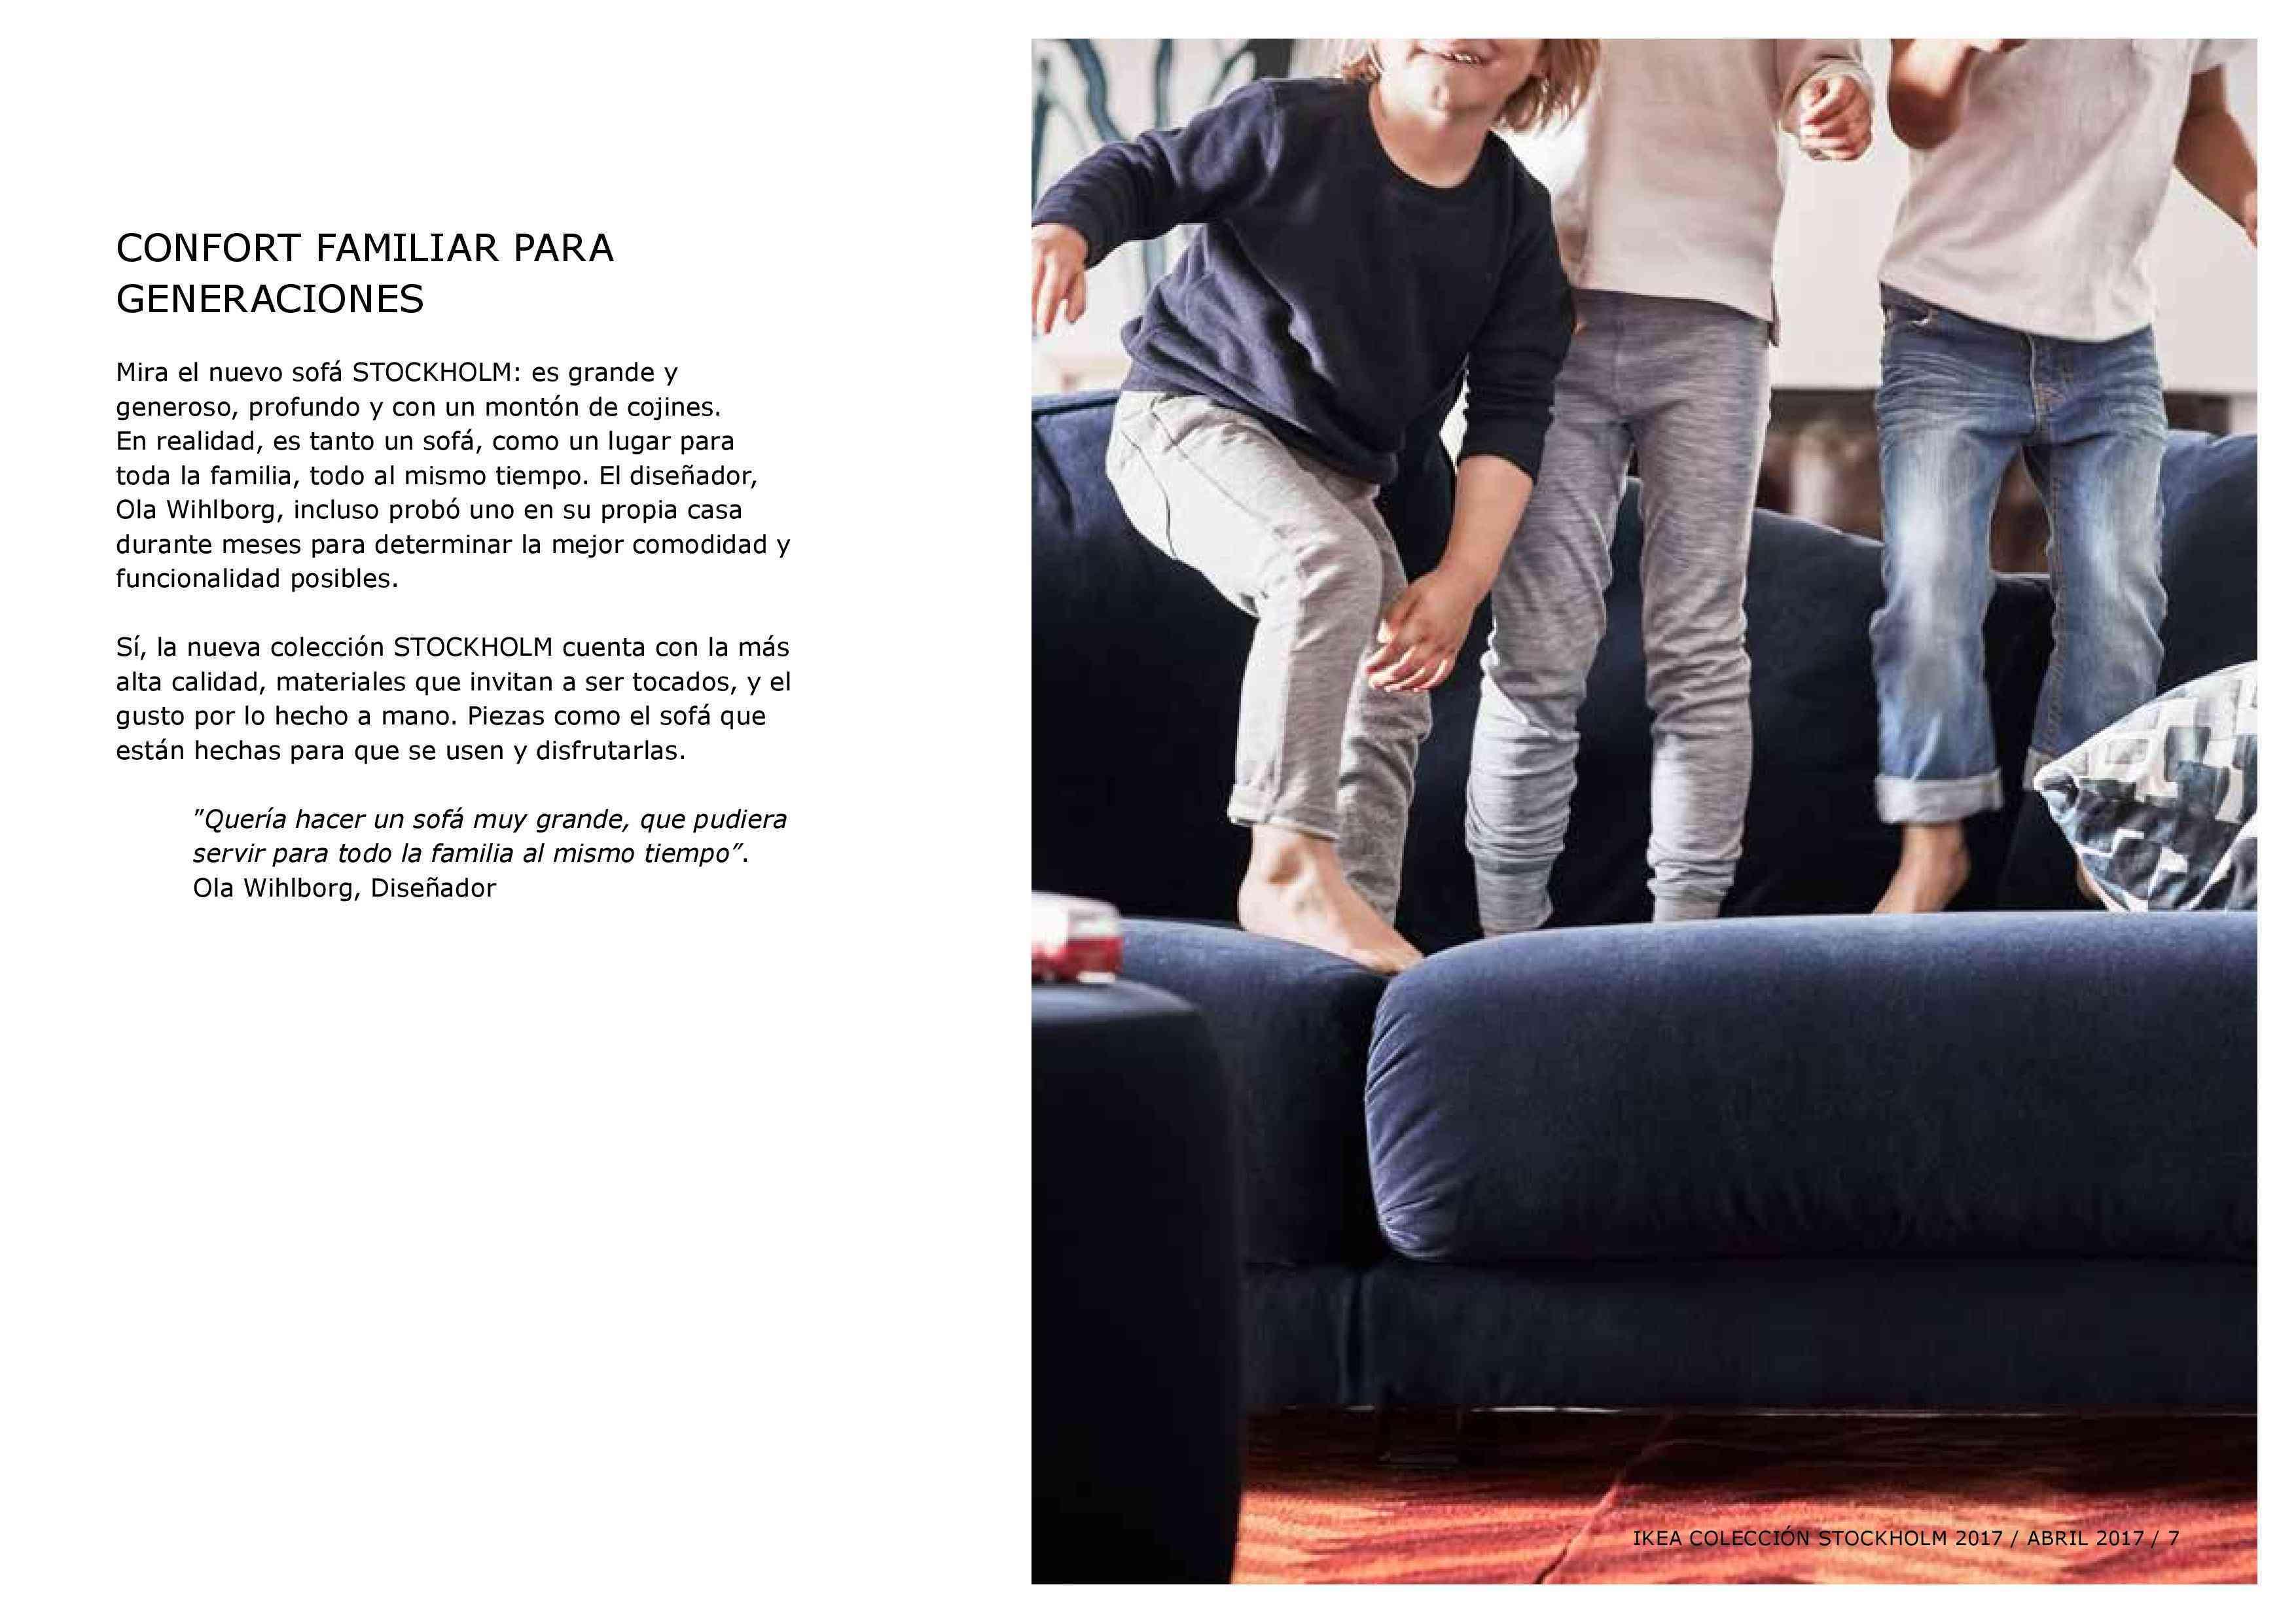 Disfruta la vida sin prisas con la colección Stockholm 2017 de IKEA 101